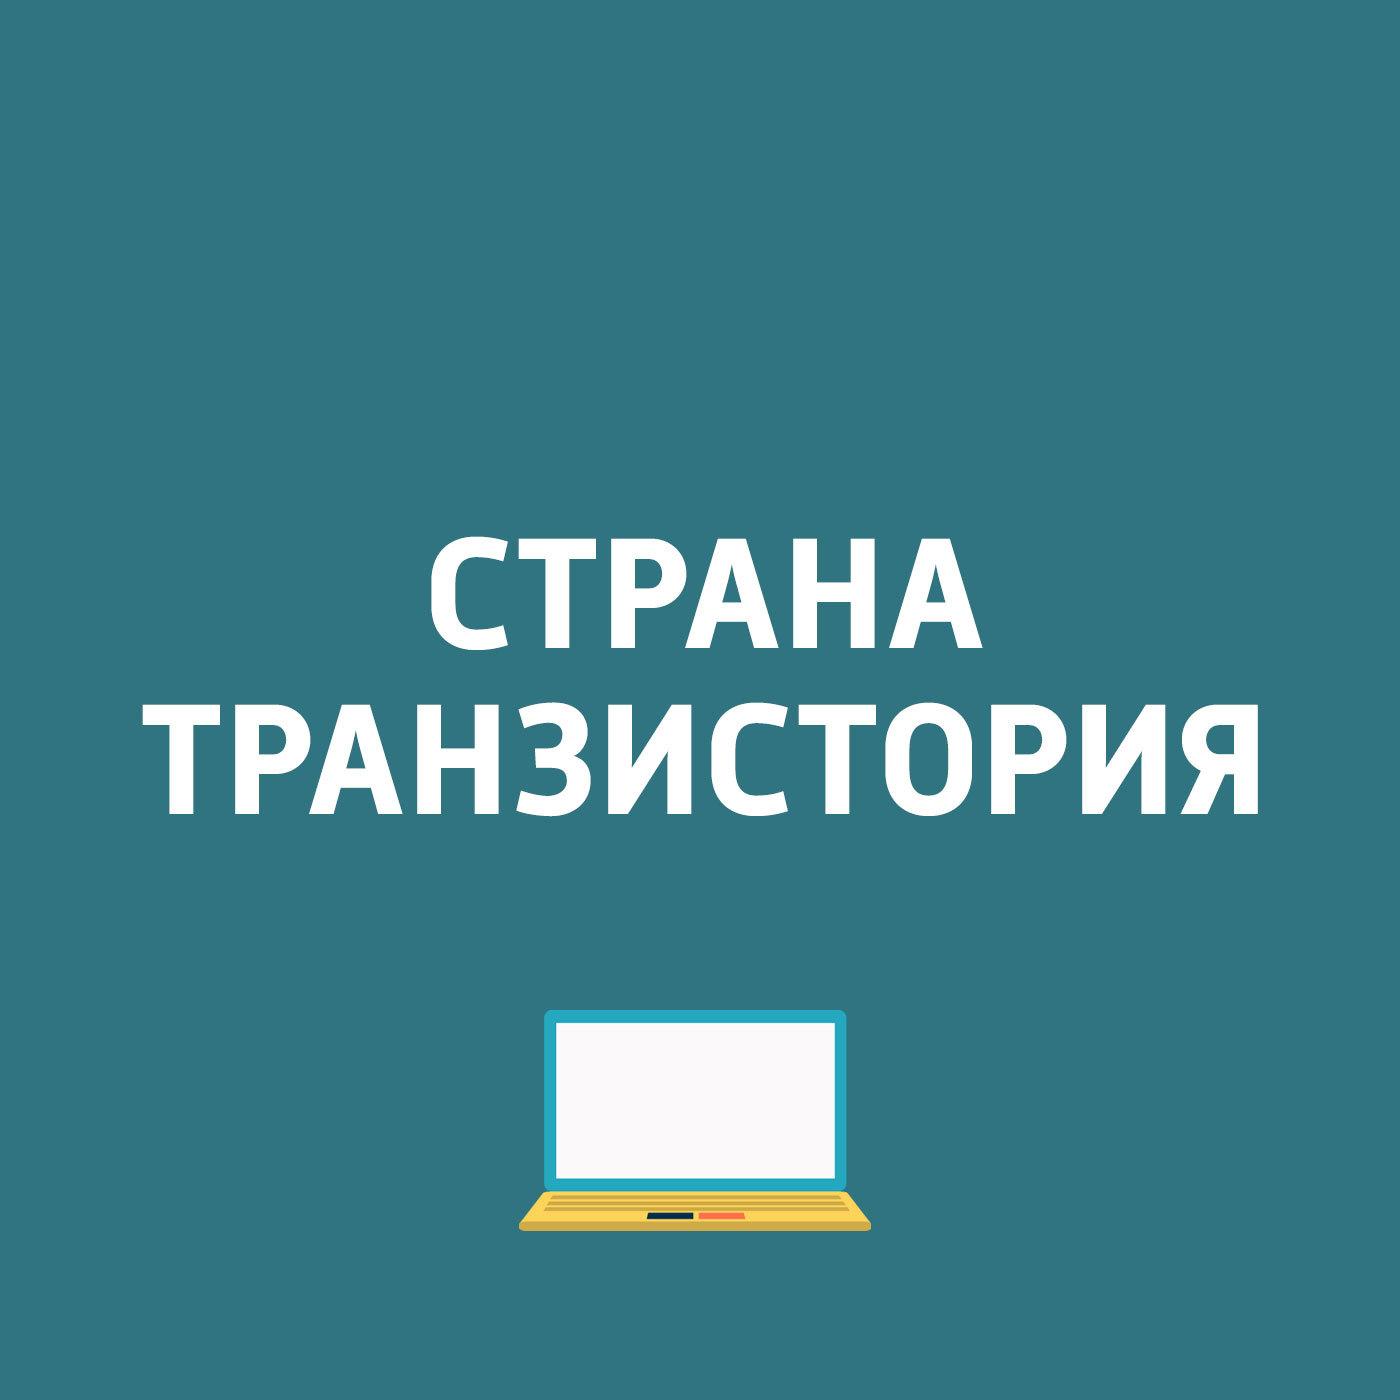 Картаев Павел Apple Pay появится в России в конце года. Facebook запустил видеотрансляции. Профиль геймера... картаев павел oppo возвращается на российский рынок